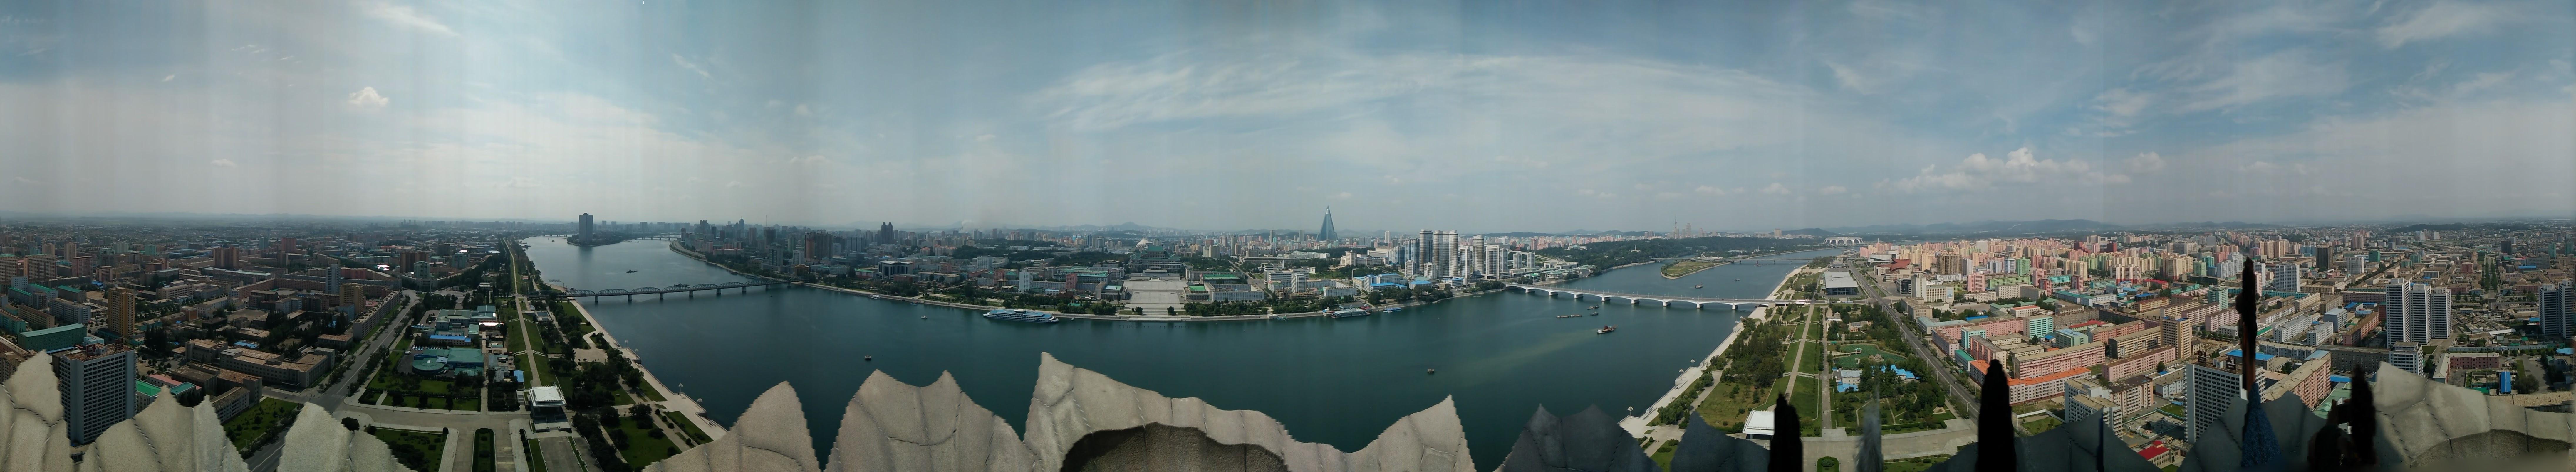 pyongyang 3d